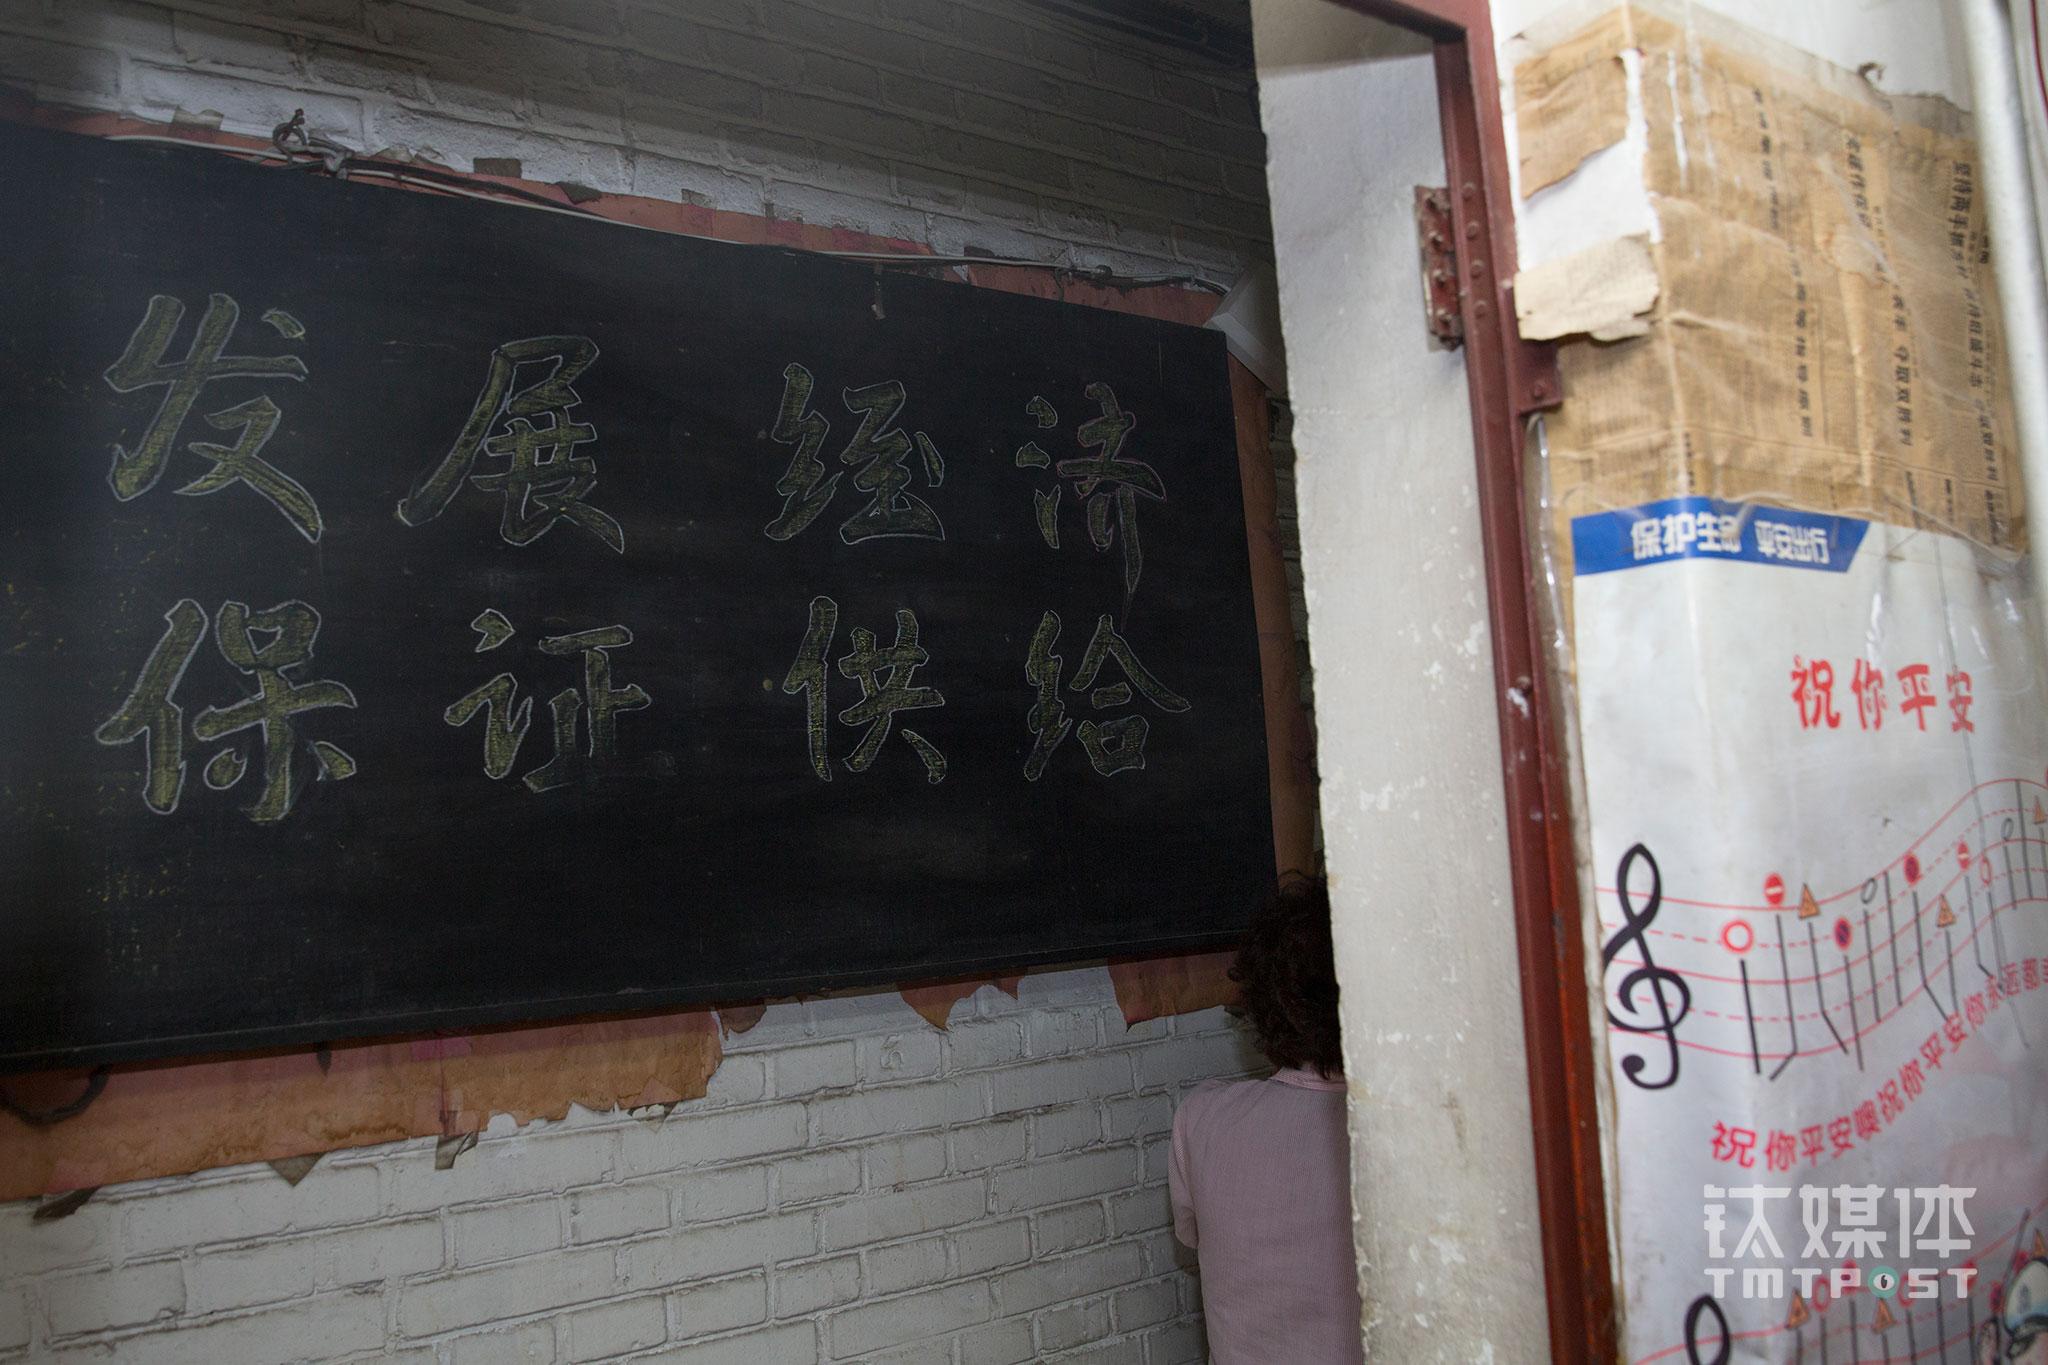 """2017年6月19日,大方百货办公室,黑板上写着""""发展经济、保证供给"""",这是抗战期间中共在敌后根据地出现严重经济困难时提出的方针。2003年,大方也出现了改制后的严重困难:北京站到北京西站地下铁道工程施工,商店大门被围栏完全挡住,没有客源进来,连熟客都认为大方已经倒闭歇业。大家商量了""""走出去""""的对策,分头带着各自柜台的商品到机关、医院推销,带回家向亲戚朋友推销,大家还一起推着车到八一电影制片厂大院推销,大半年无人上门的时间,大方就这样熬了过去。到现在,这个传统百货商店只能靠着熟客、回头客勉强维持。"""